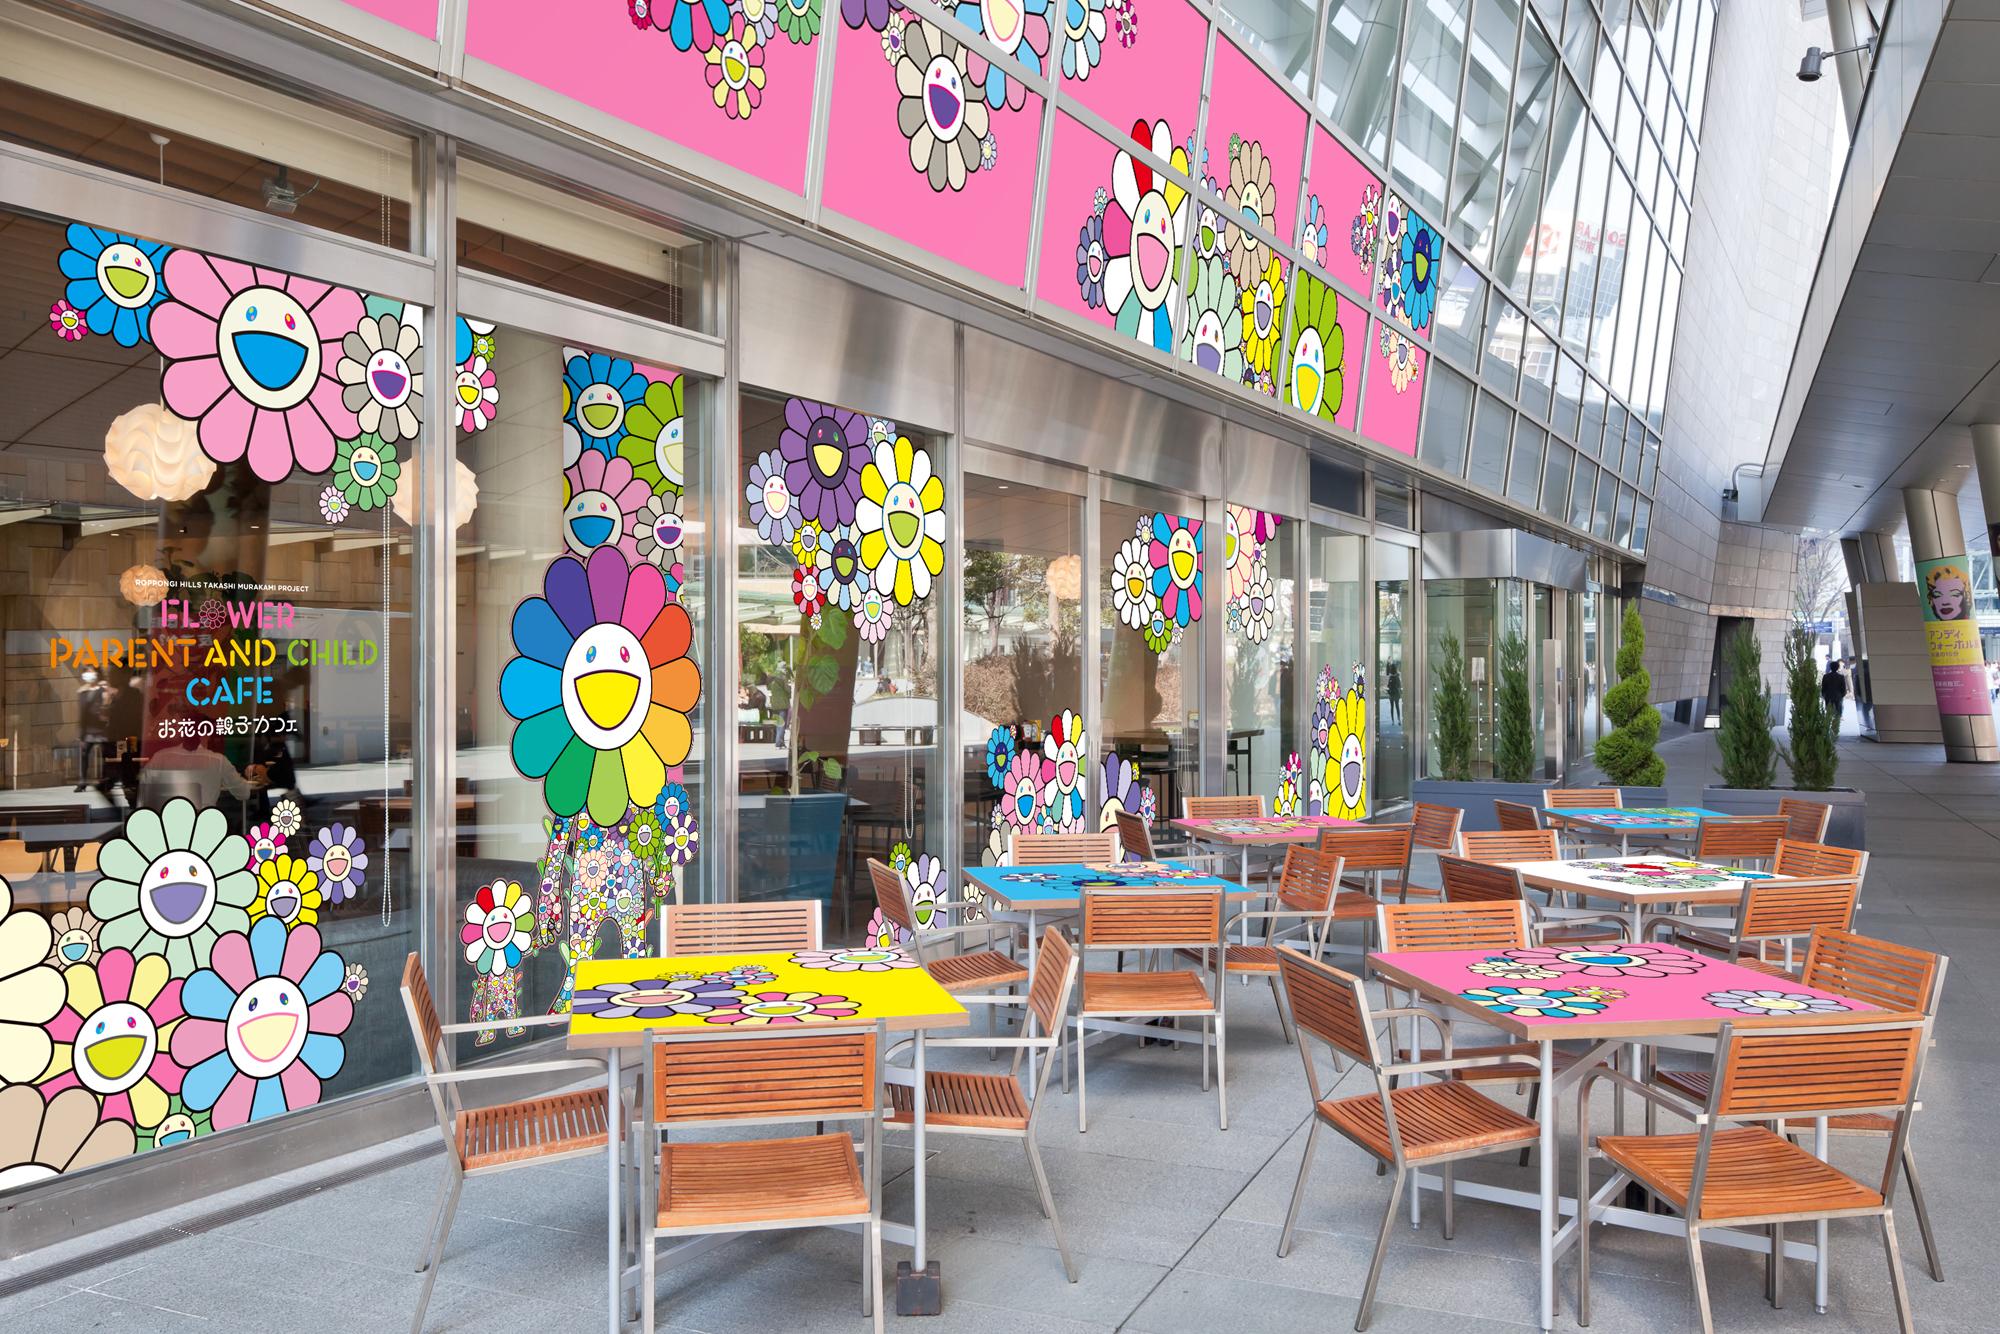 六本木ヒルズに「お花の親子カフェ」が3月5日より期間限定オープン、村上隆の限定商品を扱う特設ショップも併設